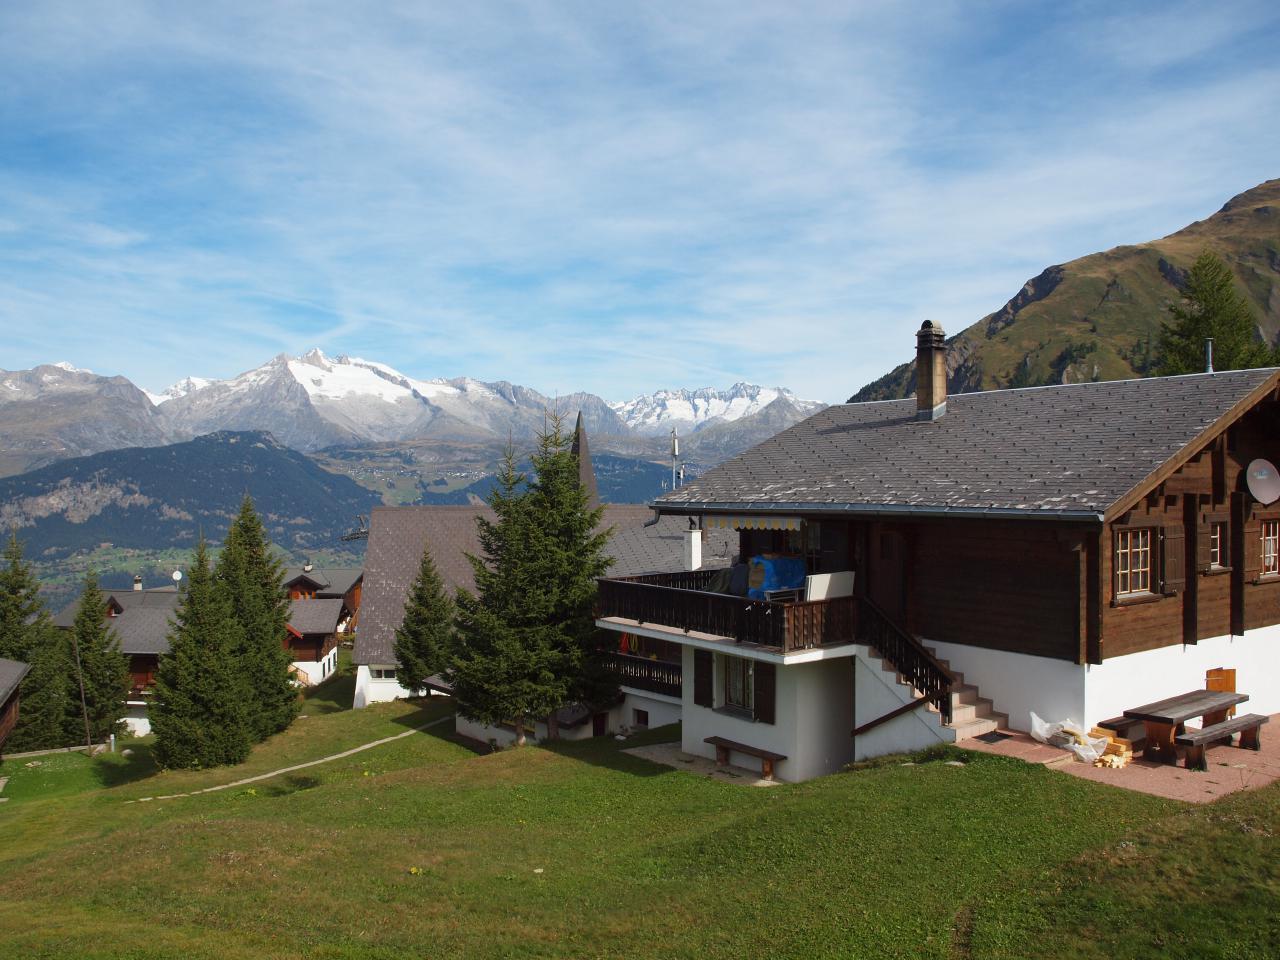 Ferienwohnung Urchiges Walliserchalet auf Rosswald | Alphütte OG (2171131), Rosswald, Brig - Simplon, Wallis, Schweiz, Bild 5